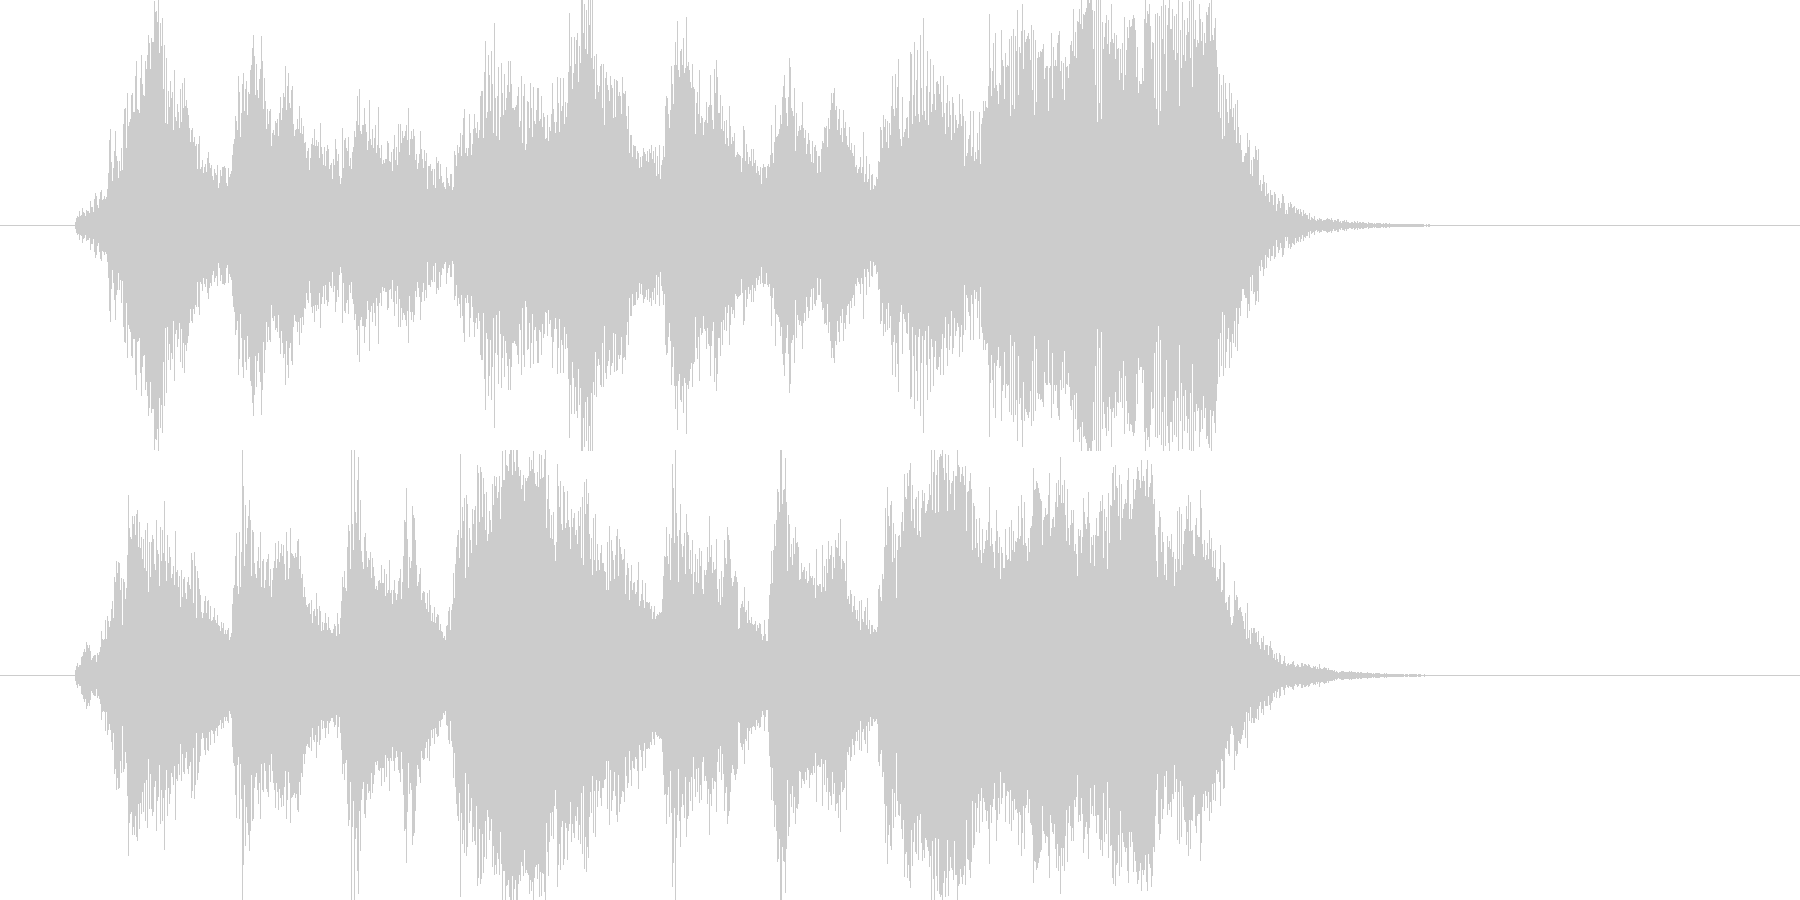 希望の空へ羽ばたくオーケストラジングルの未再生の波形